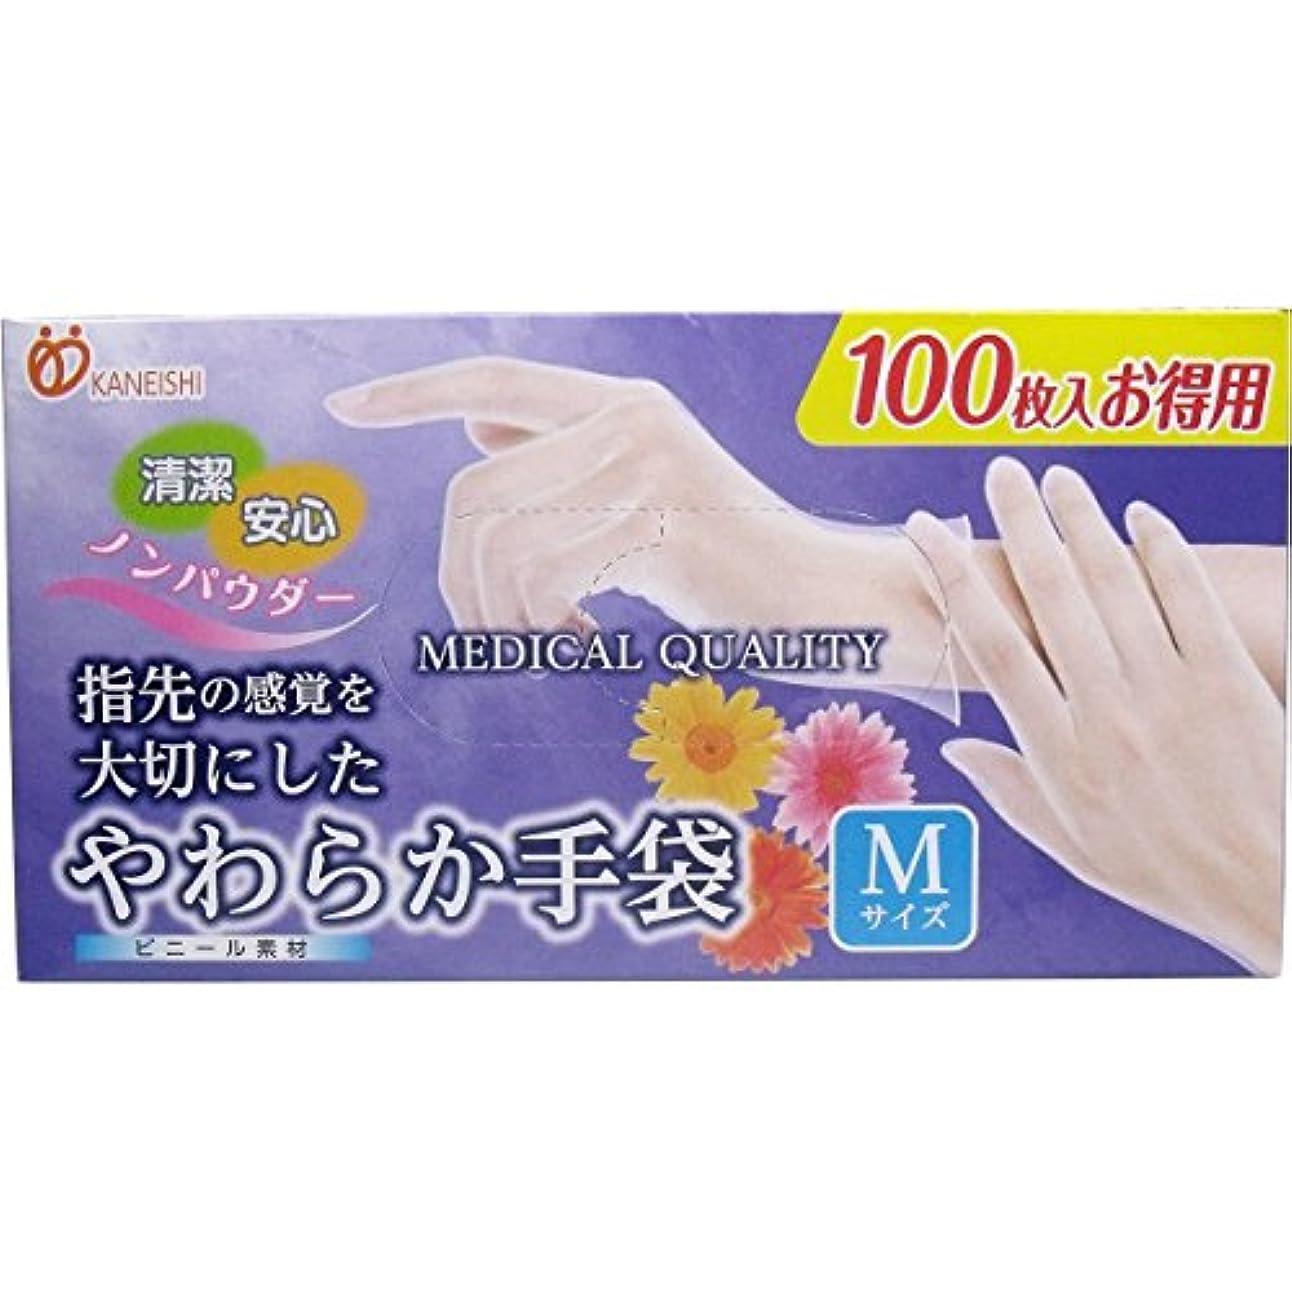 骨じゃがいも続けるやわらか手袋 ビニール素材 Mサイズ 100枚入x9